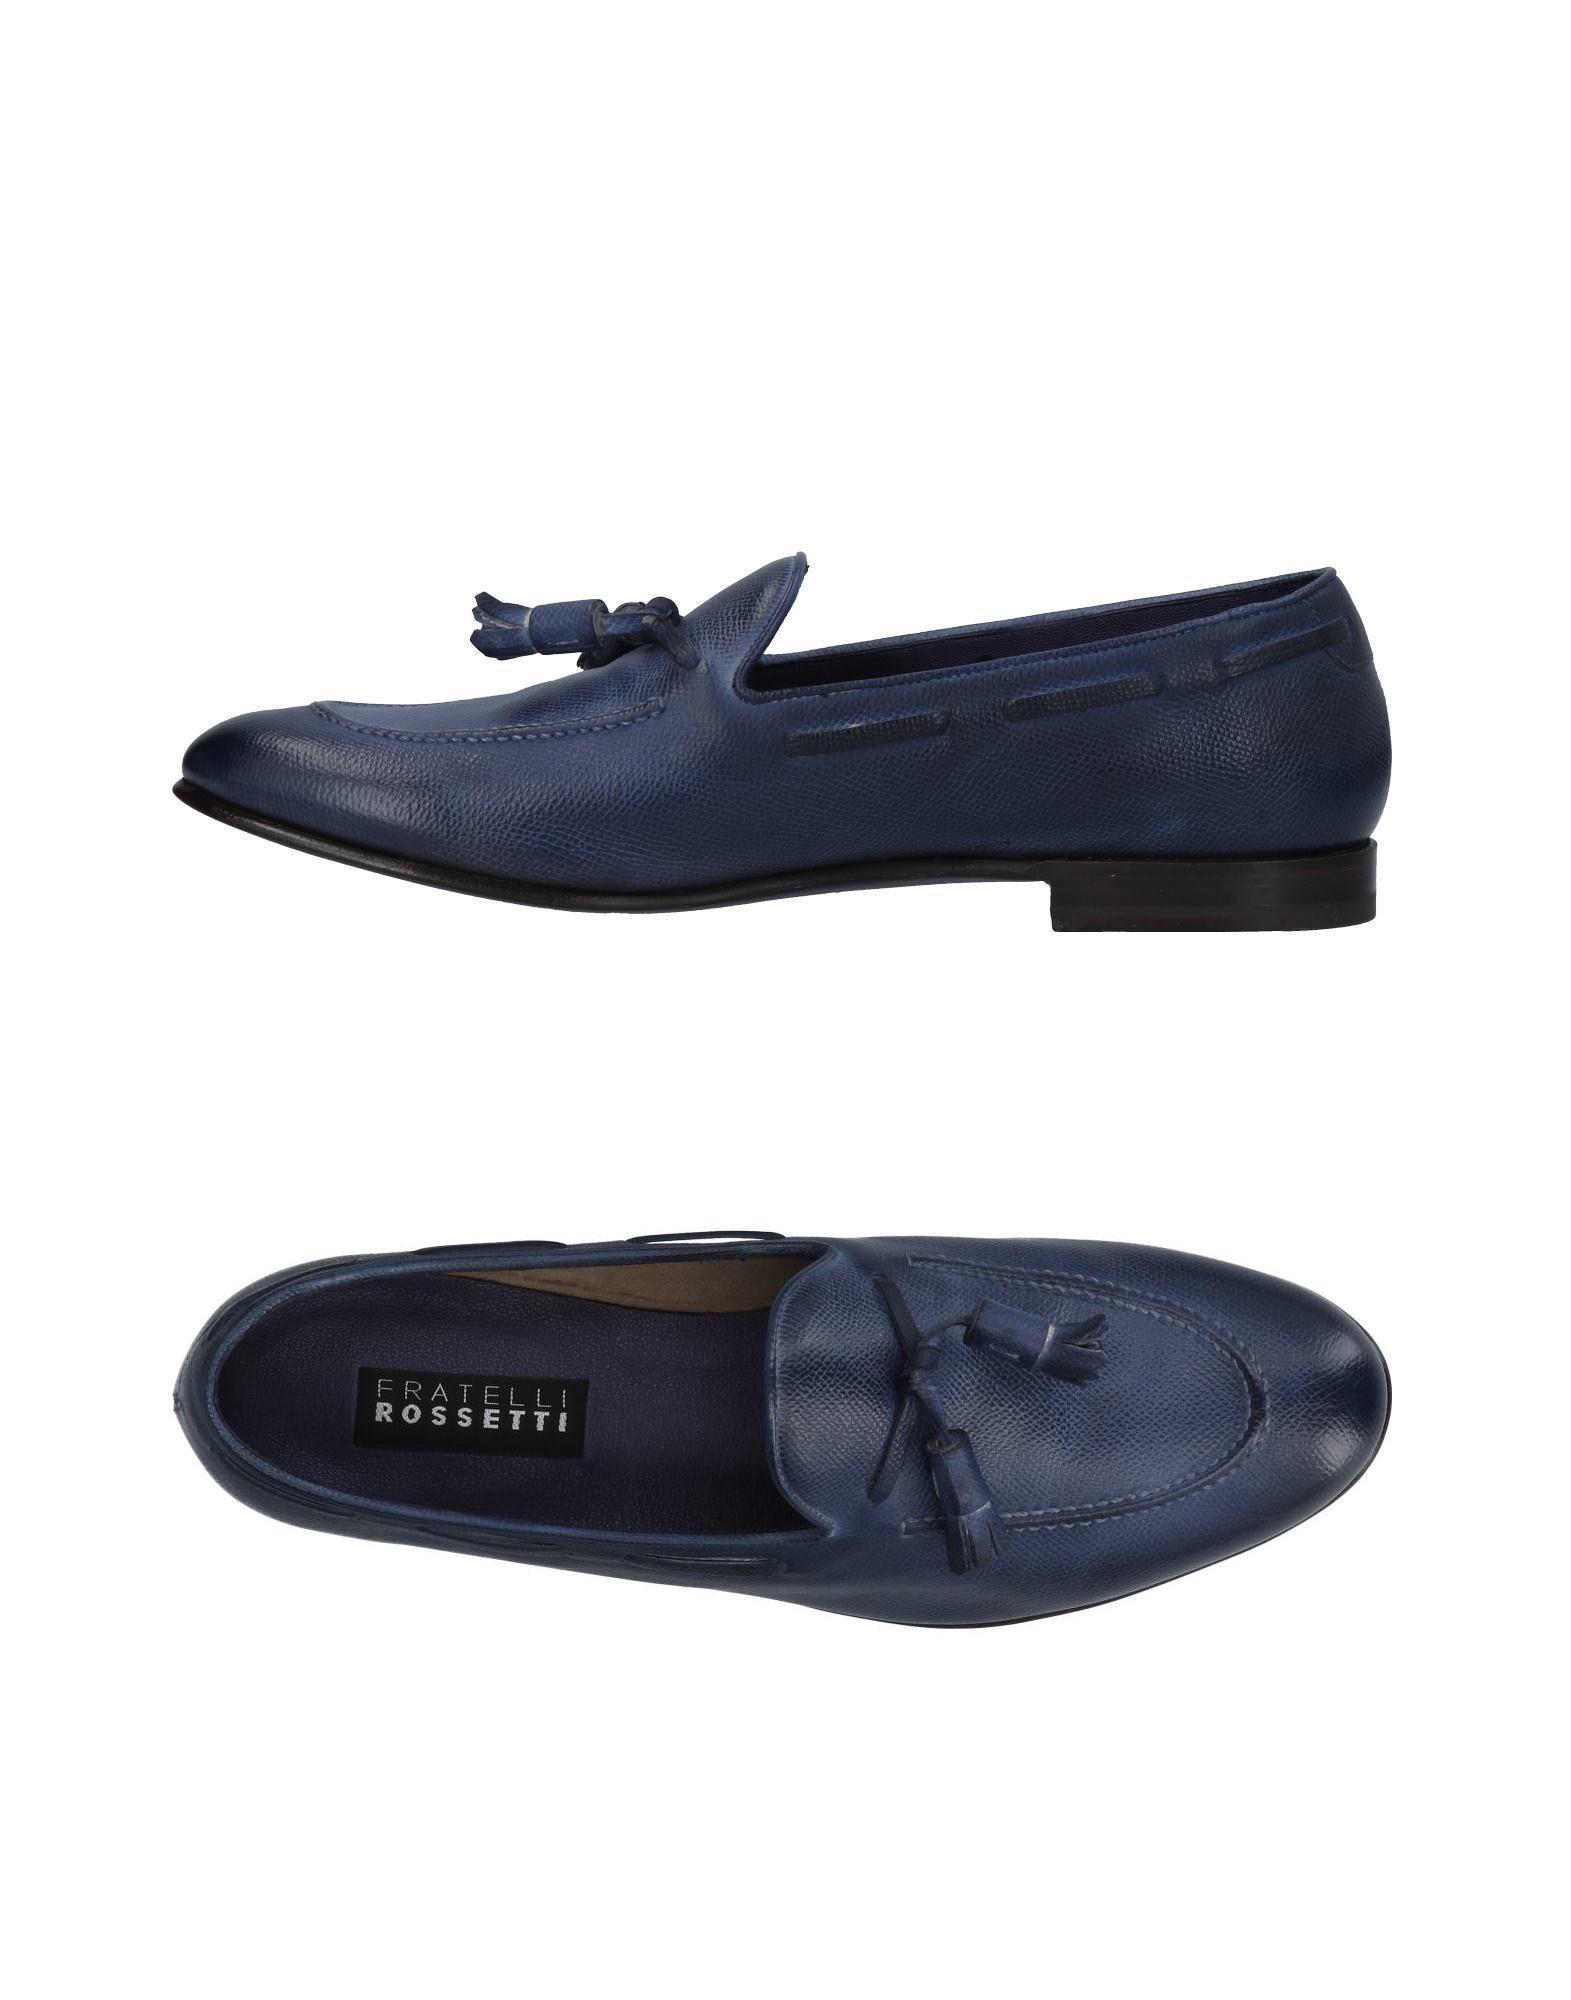 Fratelli Rossetti Mokassins Herren  11217551FV Gute Qualität beliebte Schuhe